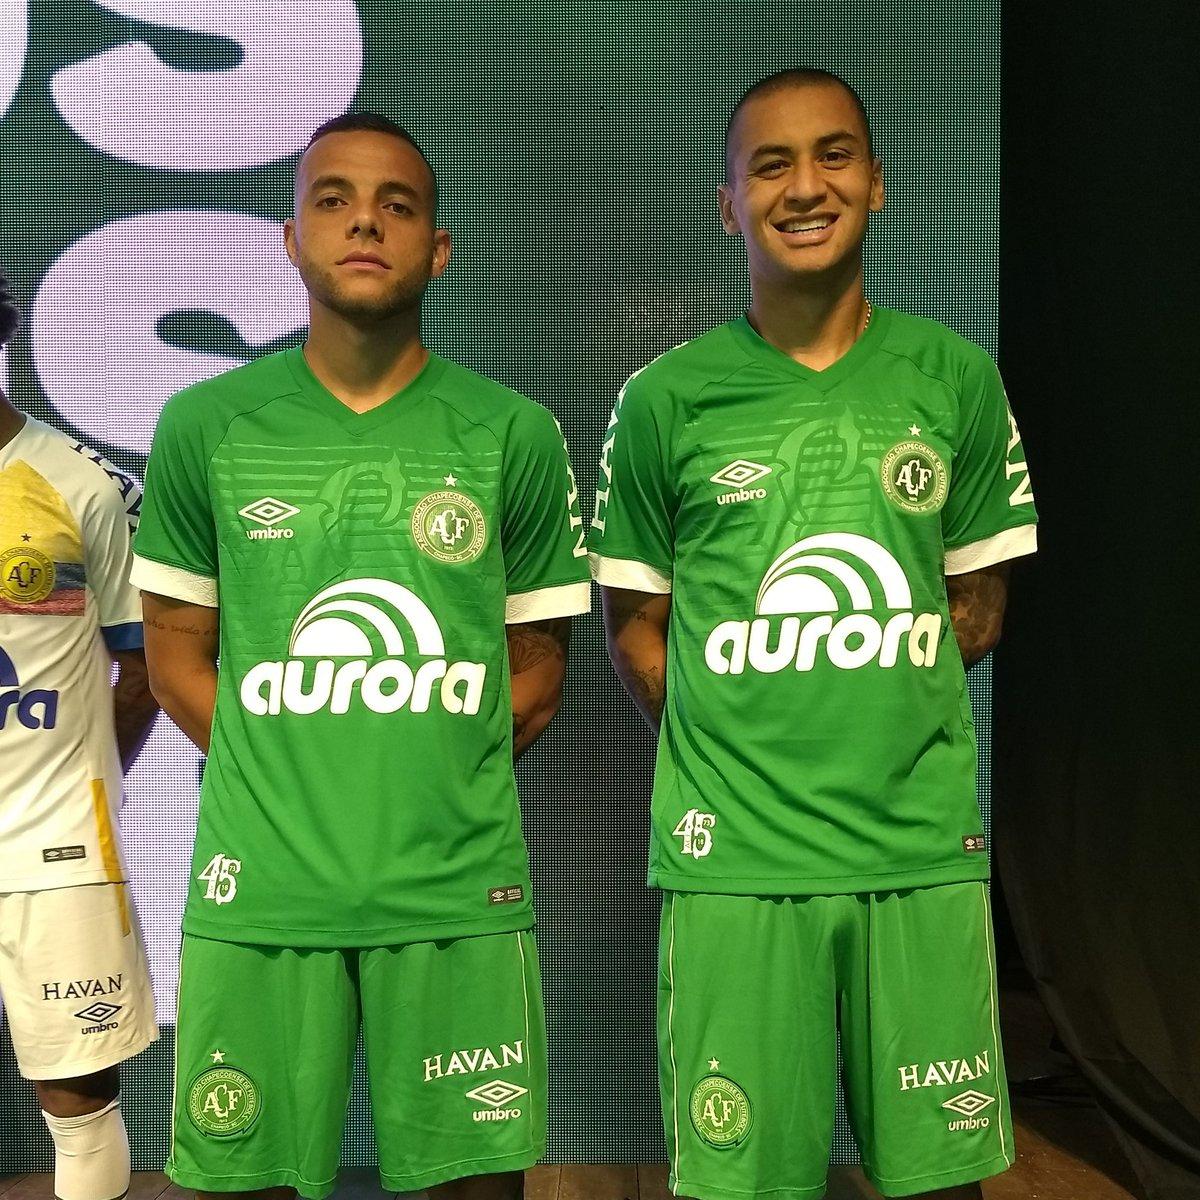 Chapecoense divulga novo uniforme em comemoração aos 45 anos do clube 9ae72bc34215e